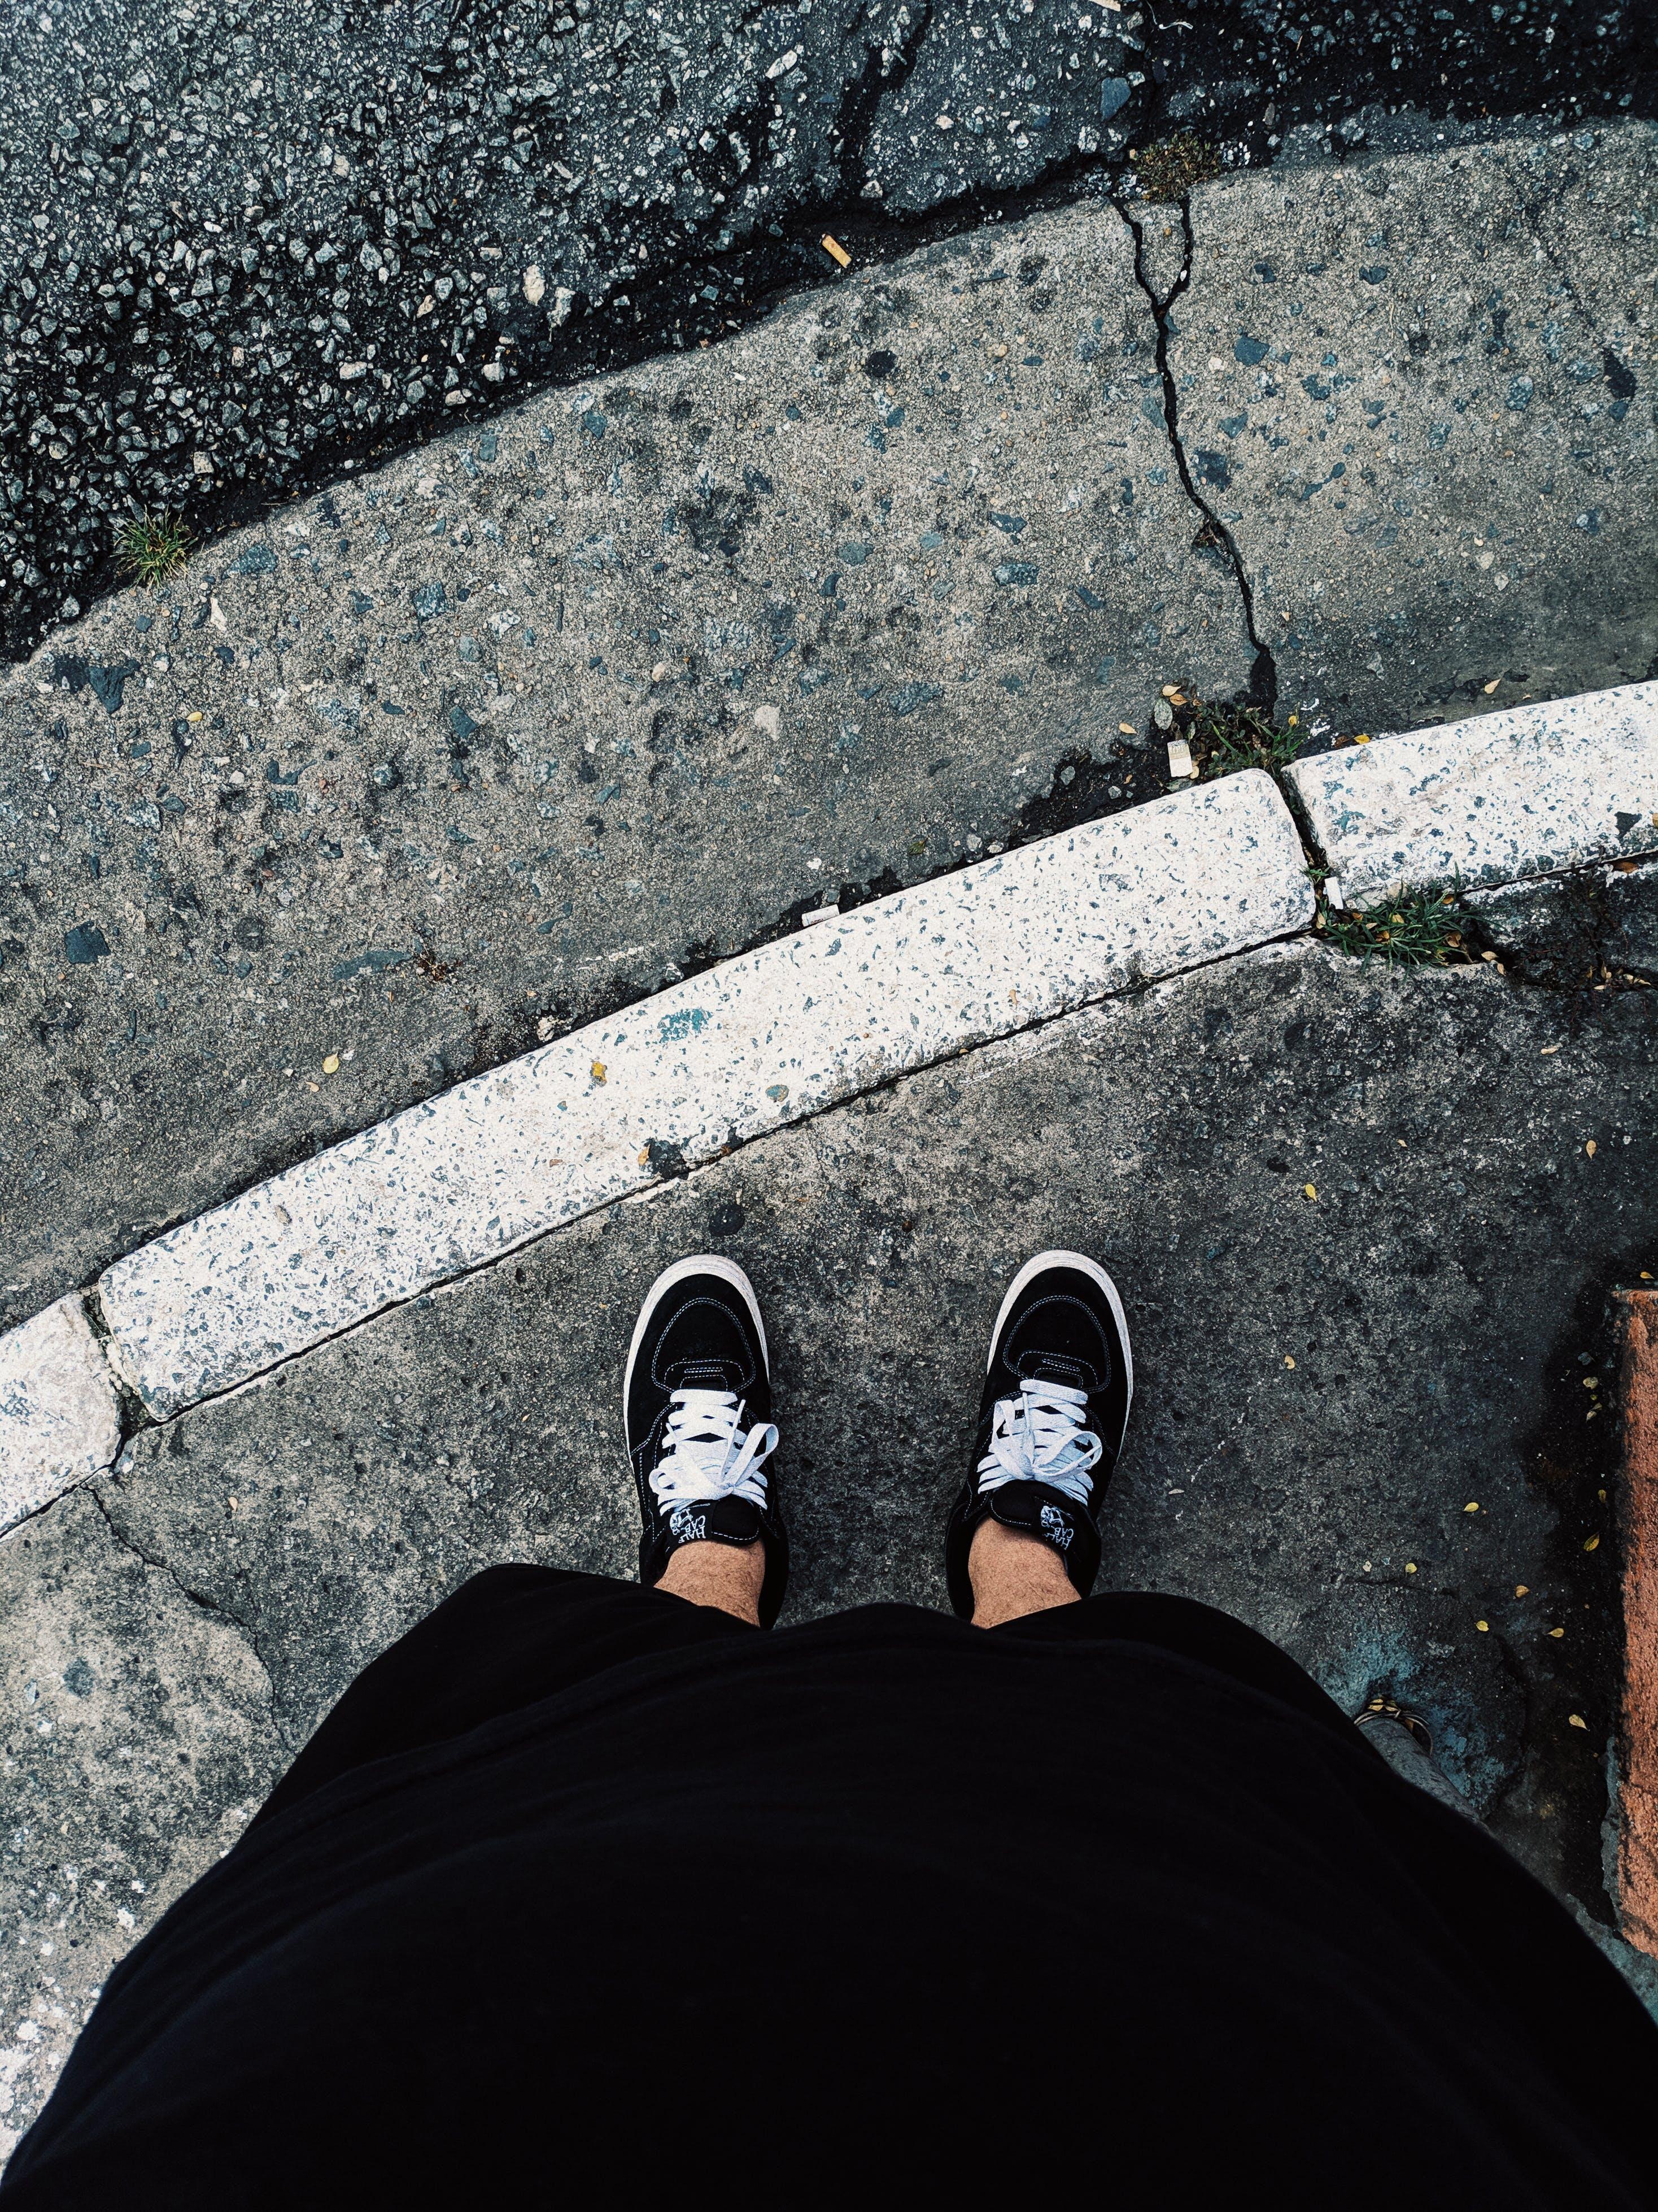 fodtøj, fortov, fødder